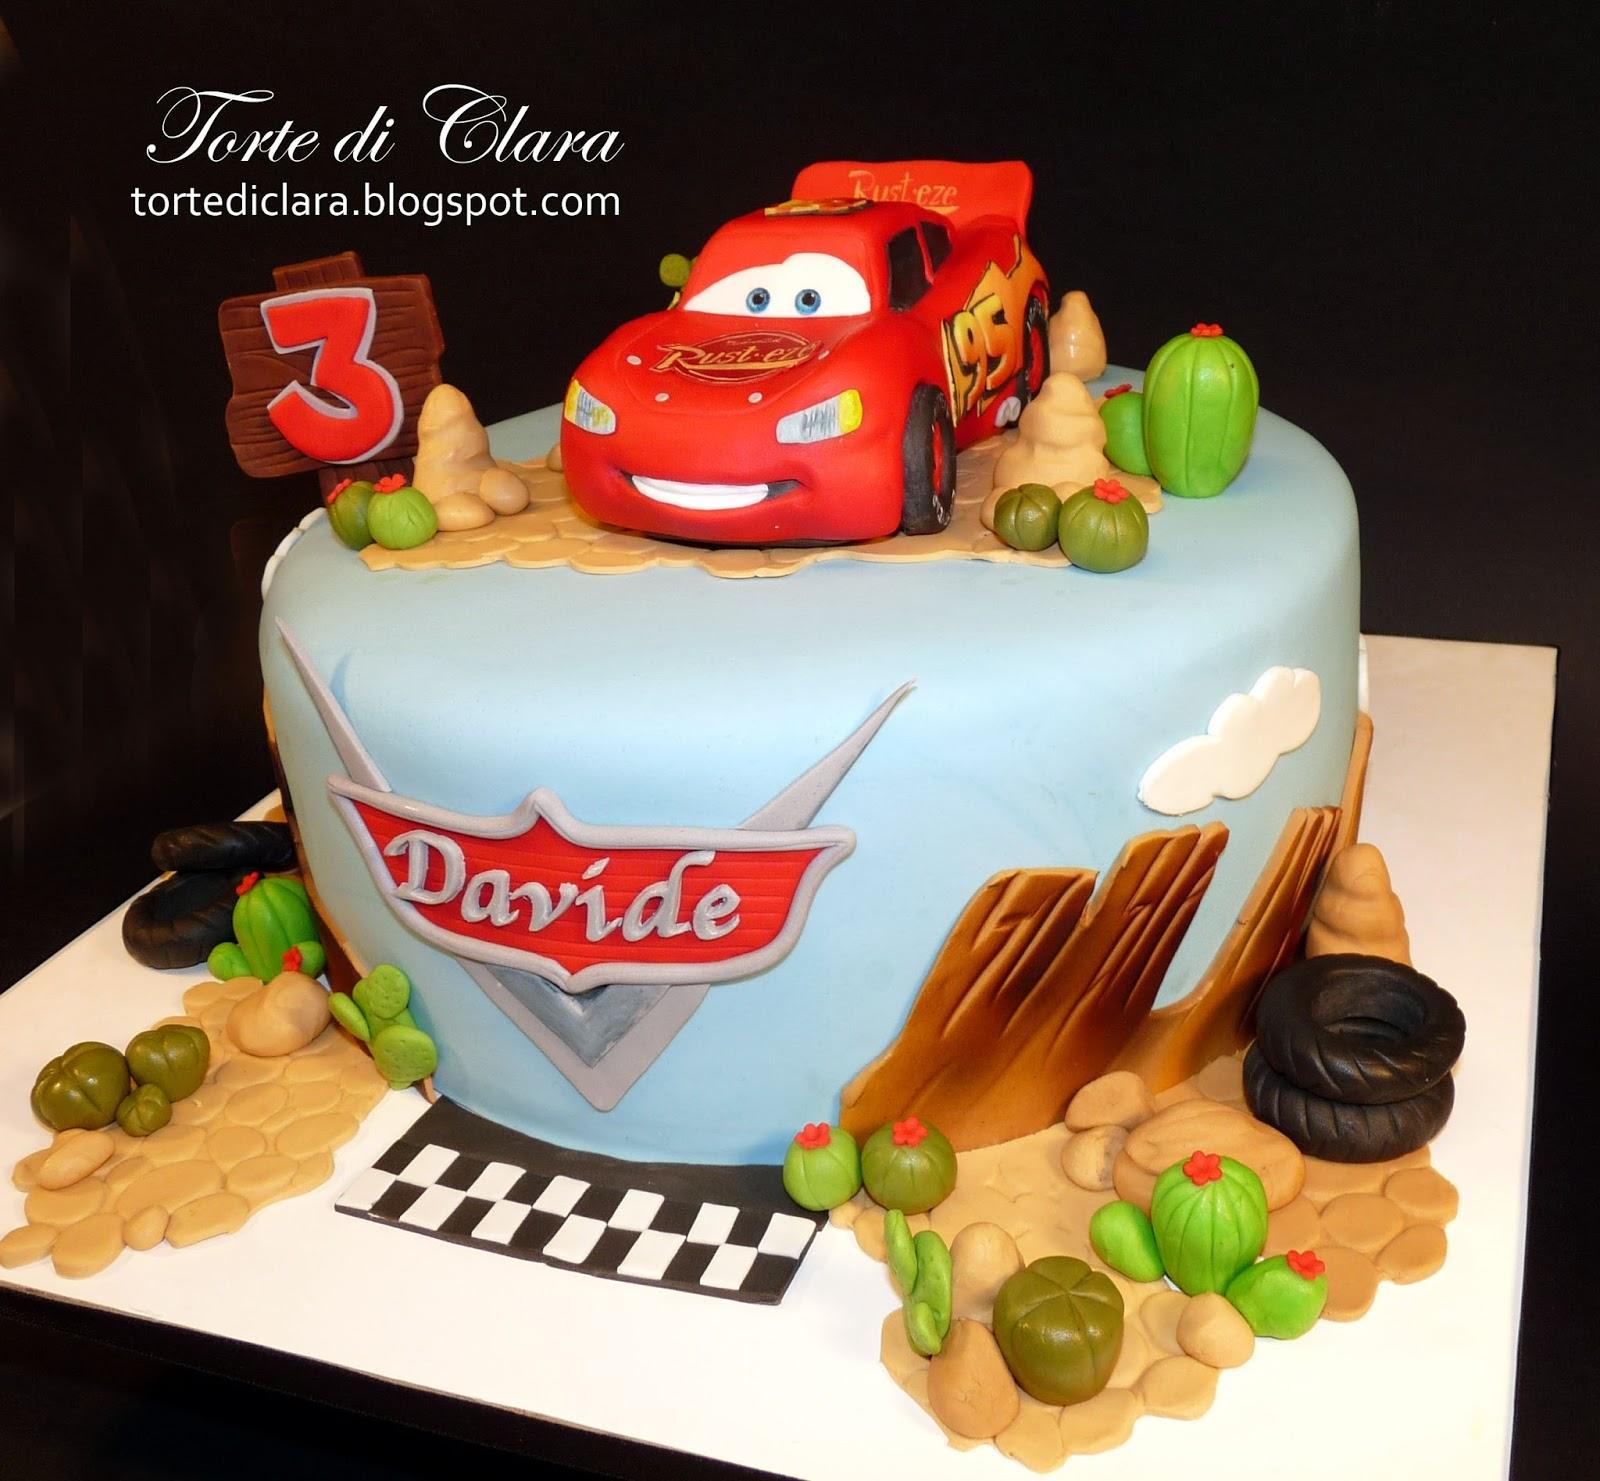 Torte Cake Design Cars : Torte di Clara